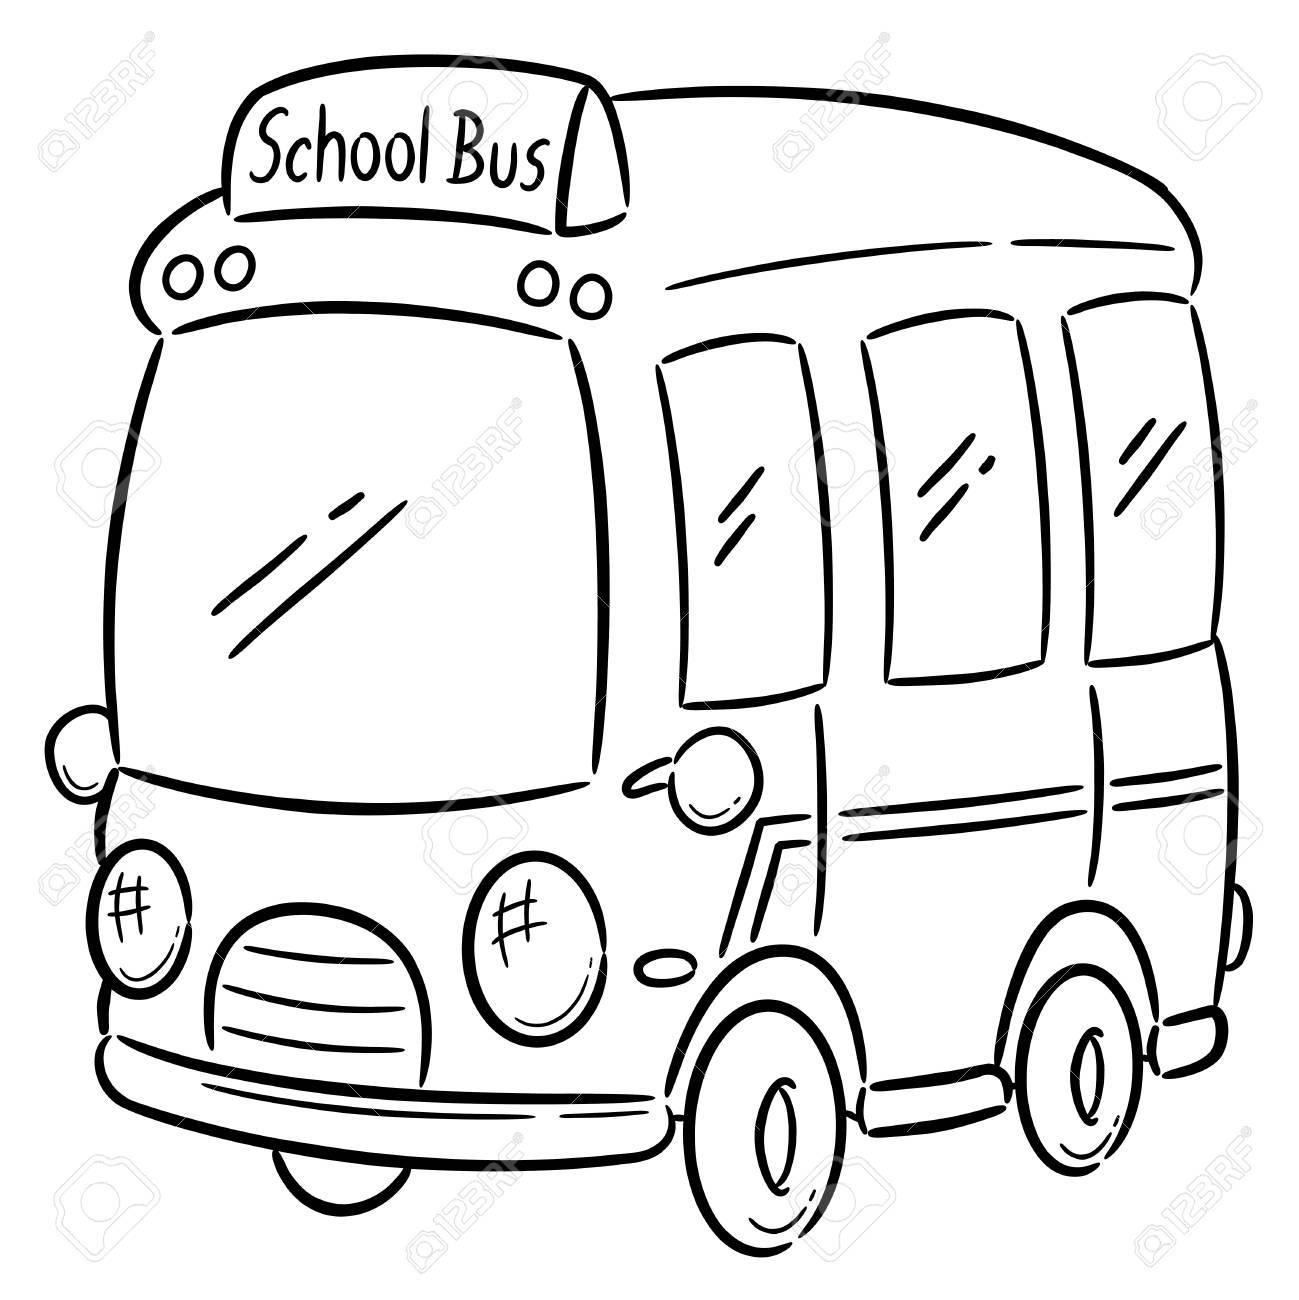 スクールバス 塗り絵のベクトル イラストのイラスト素材ベクタ